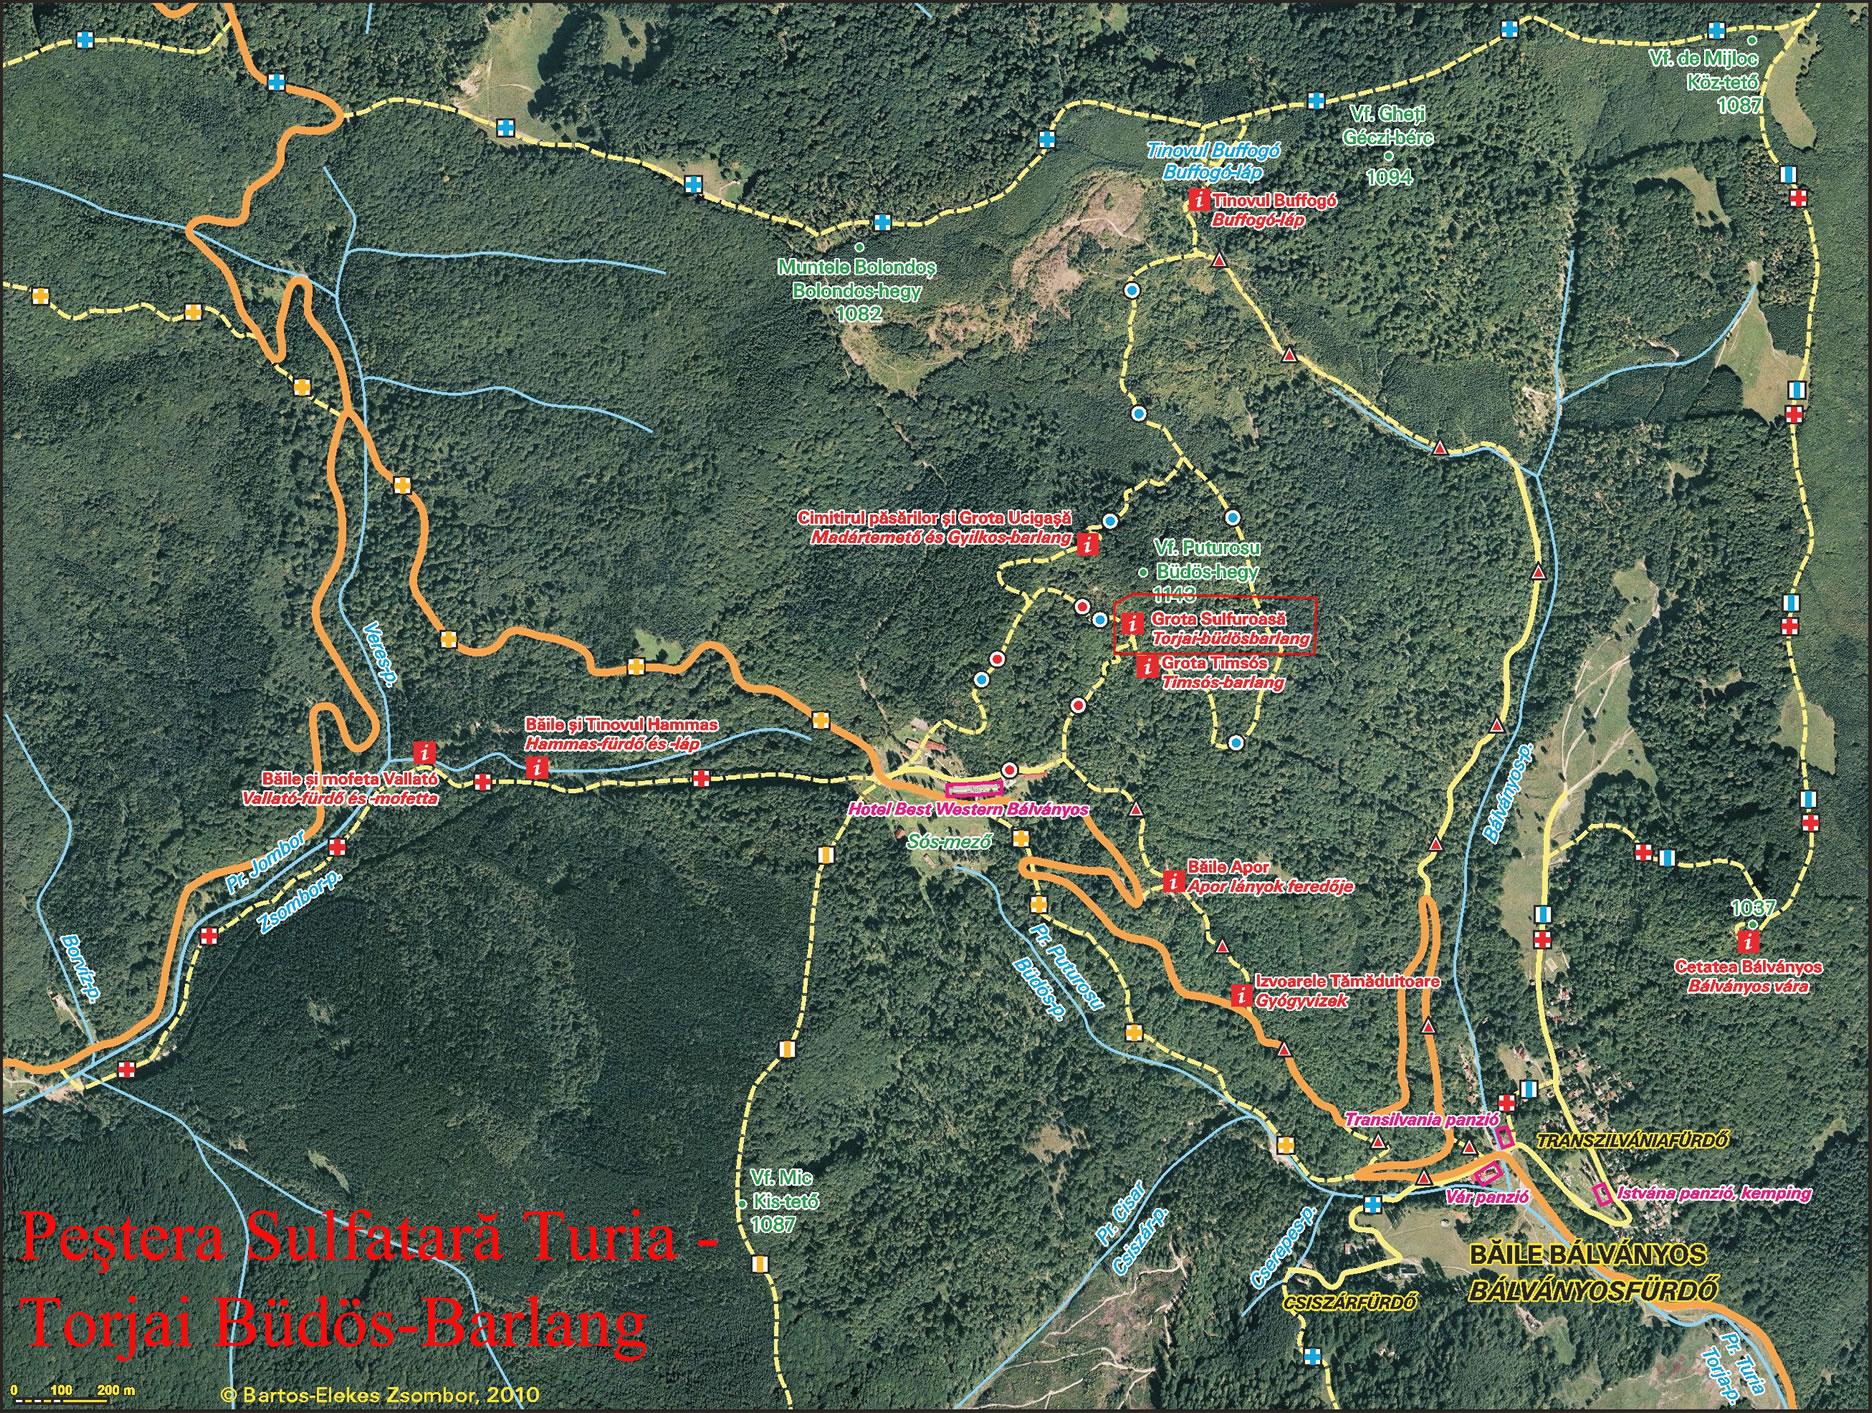 Torjai büdös barlangturisztikai térképe - szállás